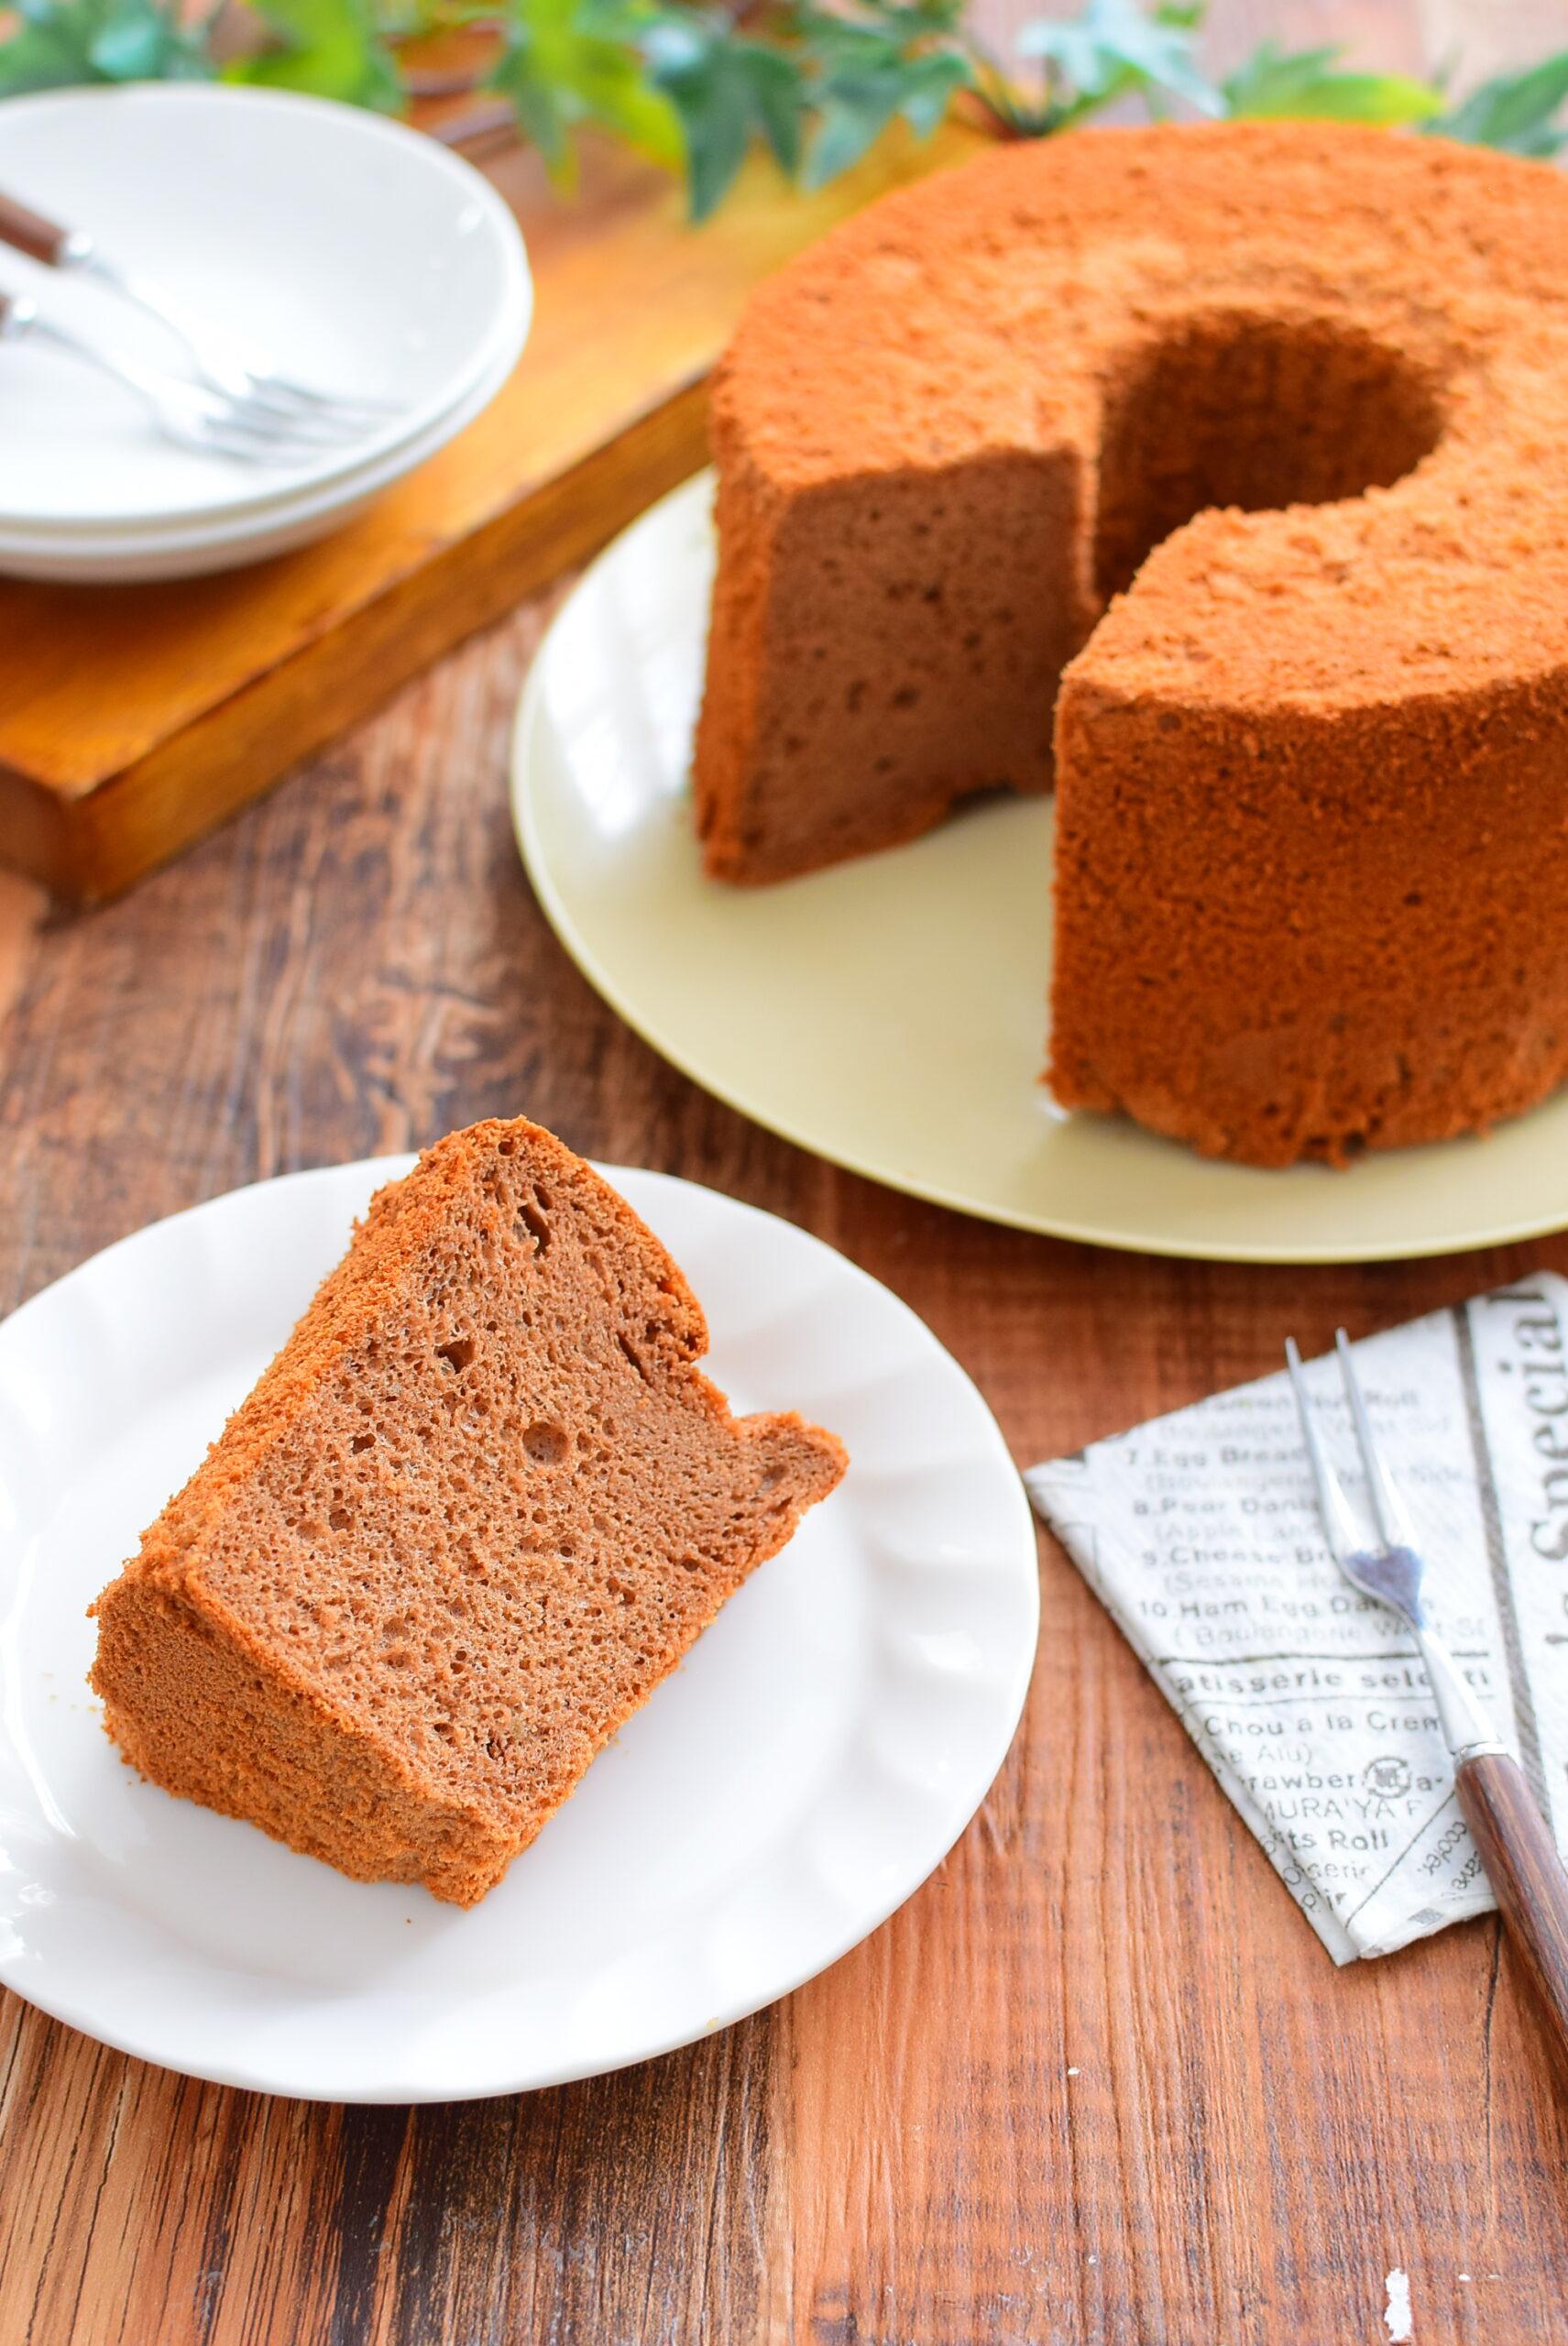 バレンタインに!ふわふわしっとり!チョコレートシフォンケーキのレシピの写真